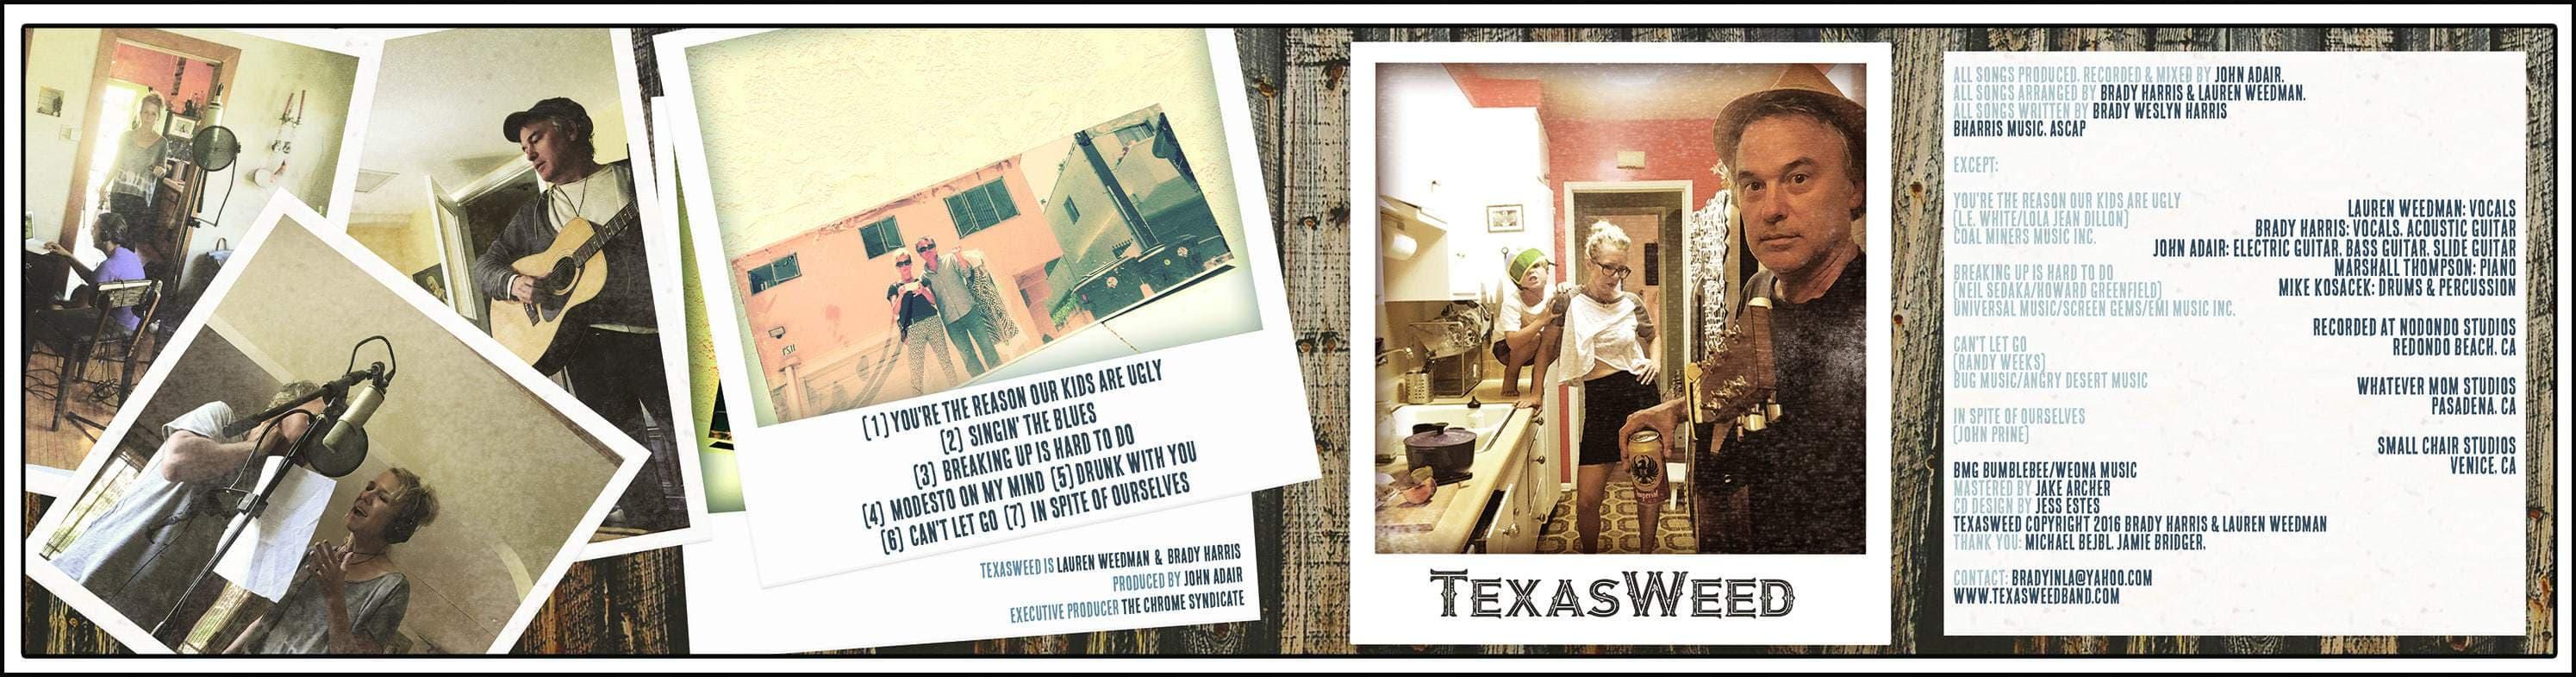 Texasweed digipak album layout